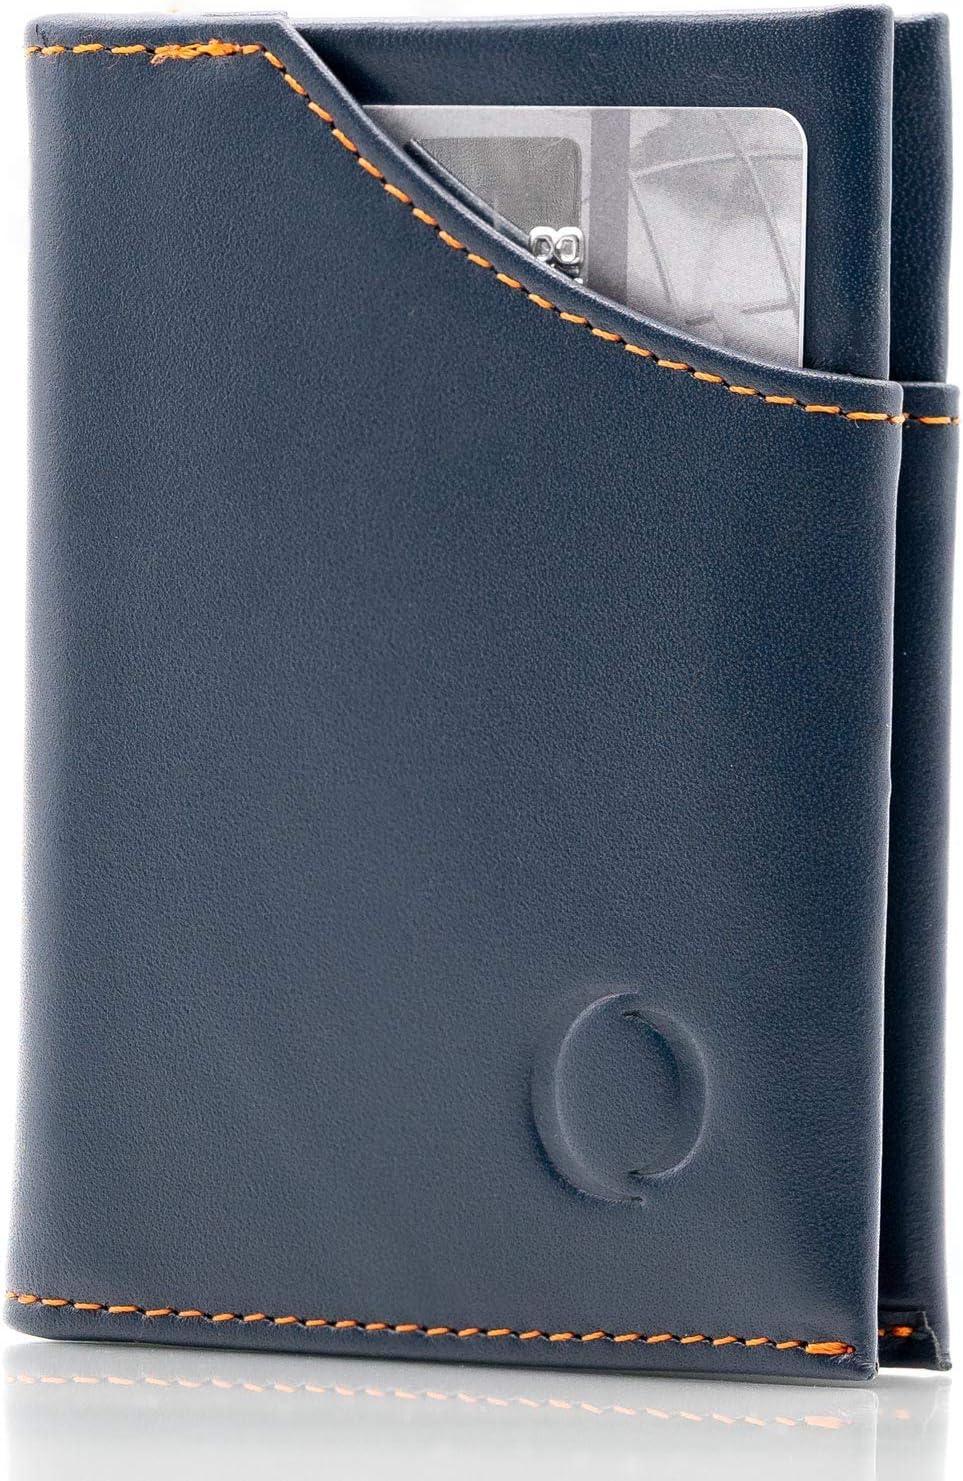 Cartera Hombre pequeña de Piel auténtica - Cartera Minimalista con protección RFID, Espacio para 9 Tarjetas y Billetes, Regalos para Hombre, Azul